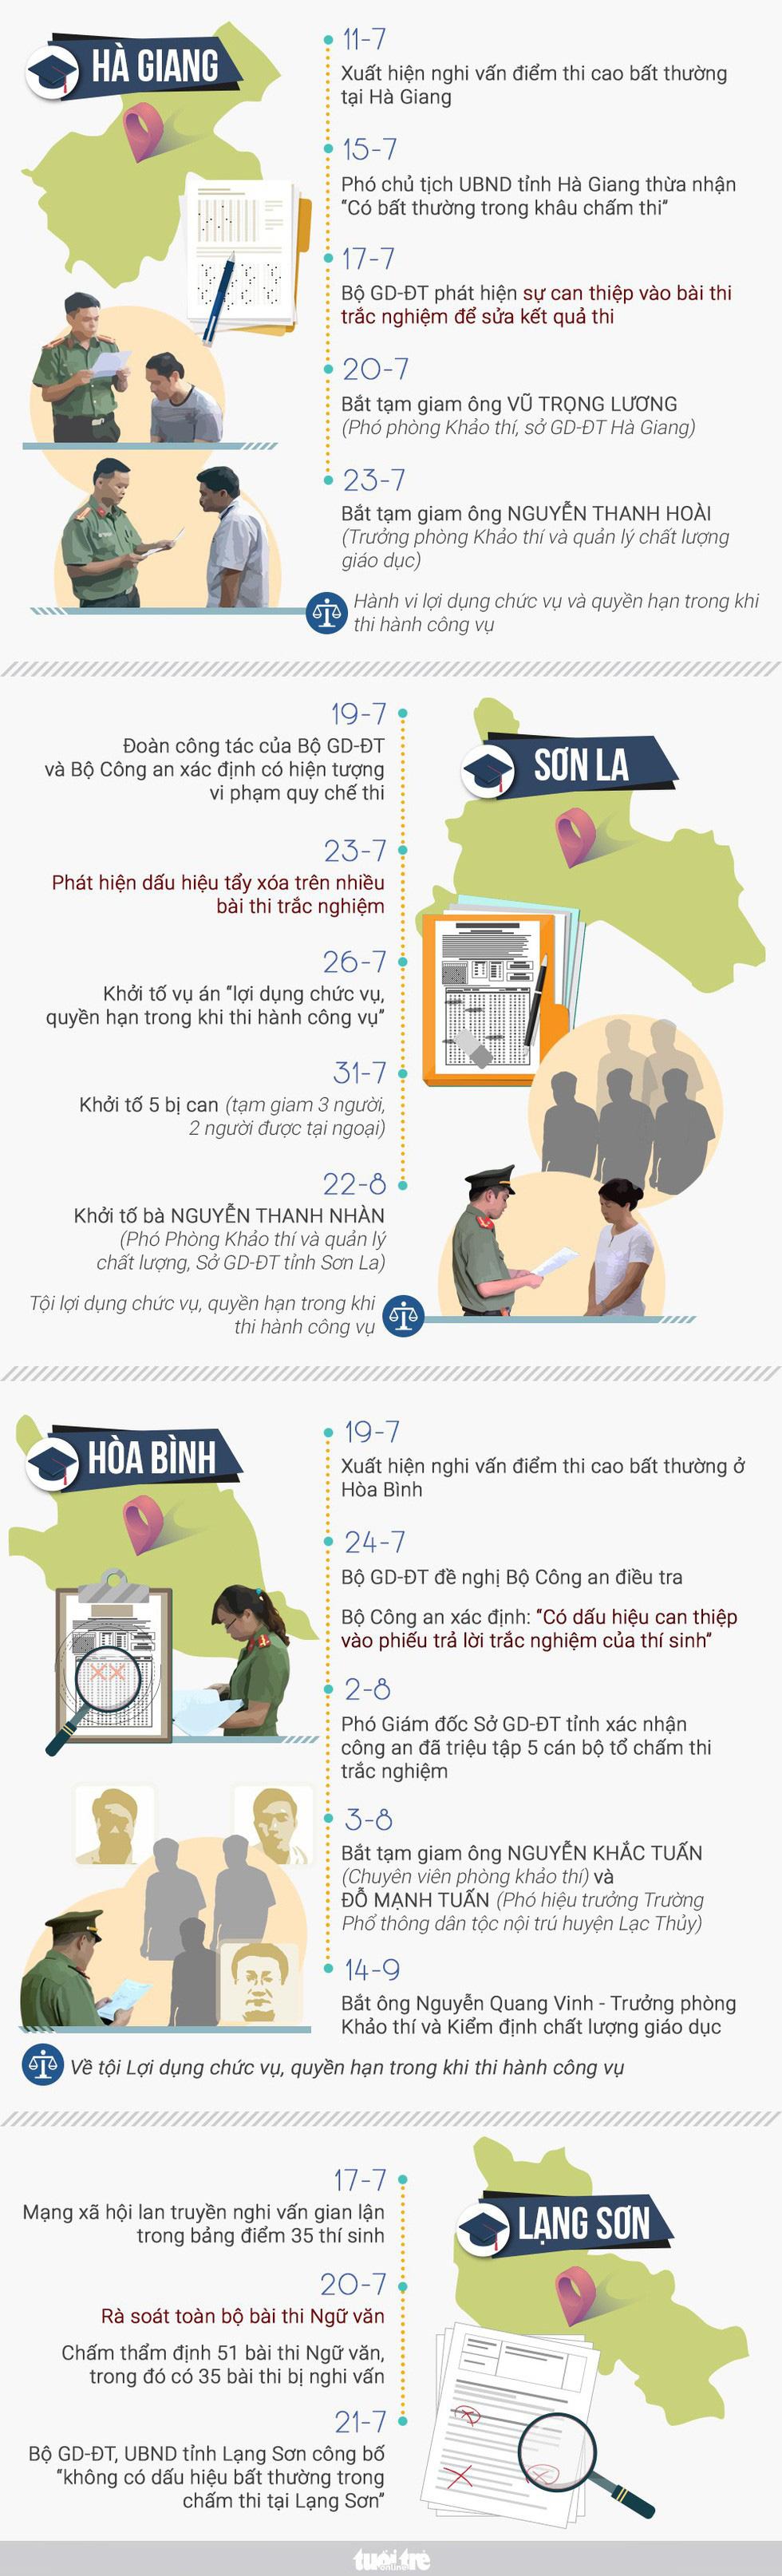 Gian lận điểm thi ở Sơn La: Mở khóa phòng bài thi để người khác sửa bài - Ảnh 3.